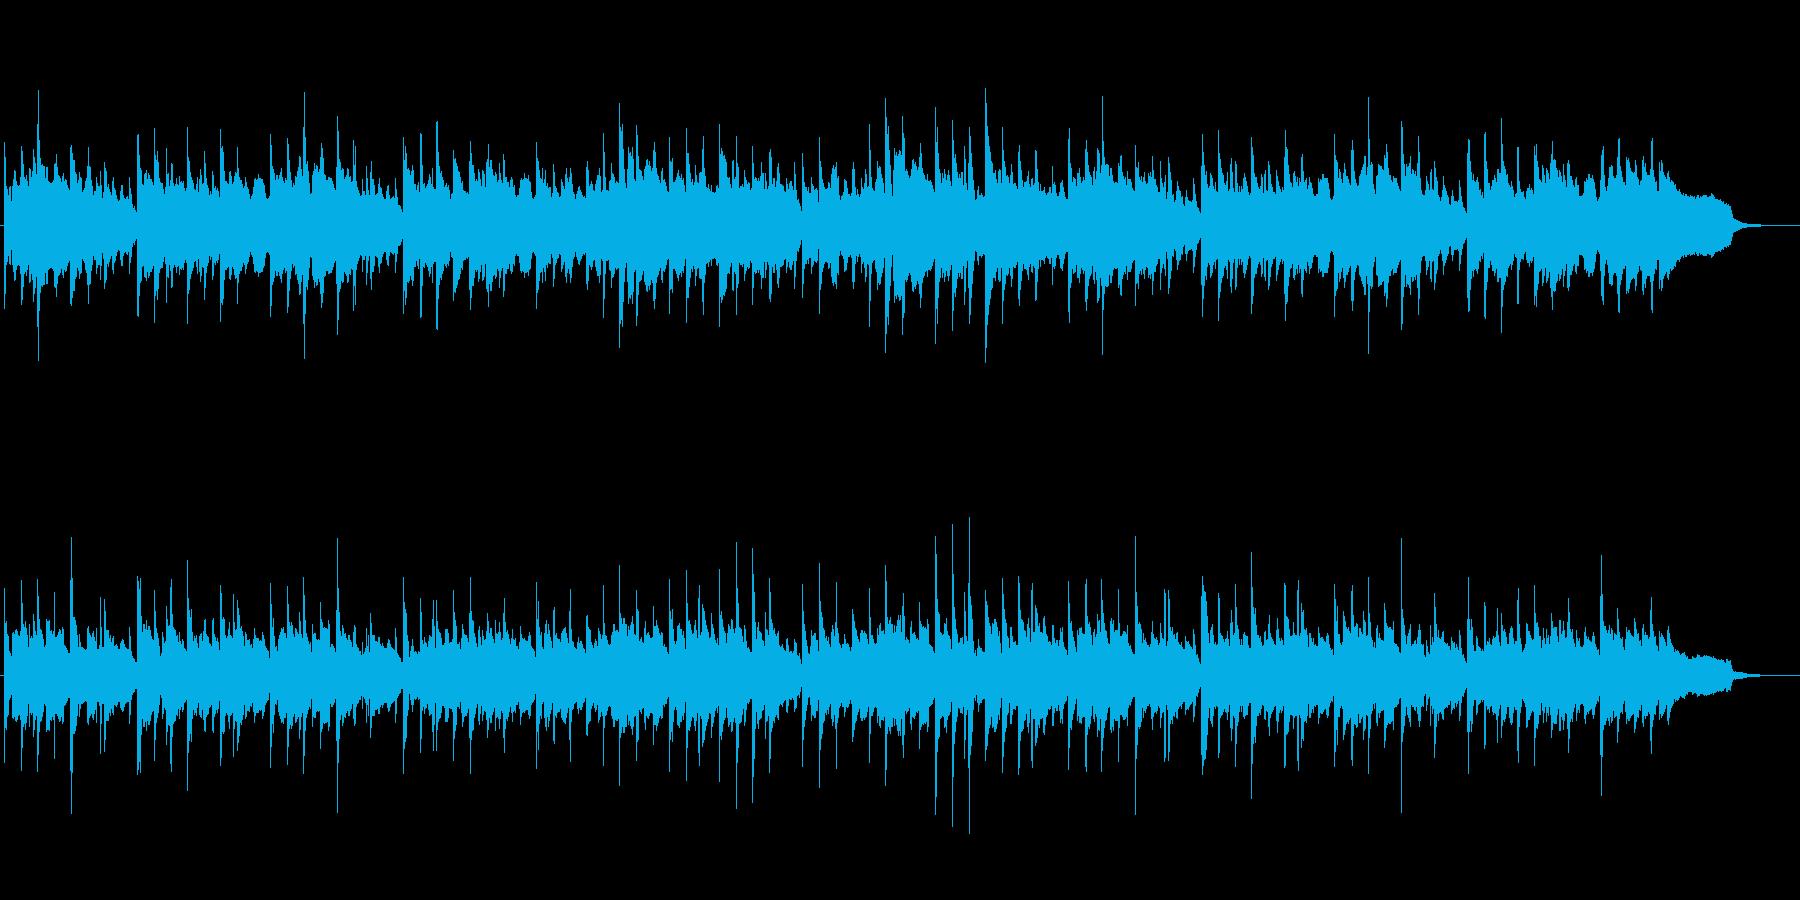 日本らしい切なく落ち着いた和風BGM4の再生済みの波形